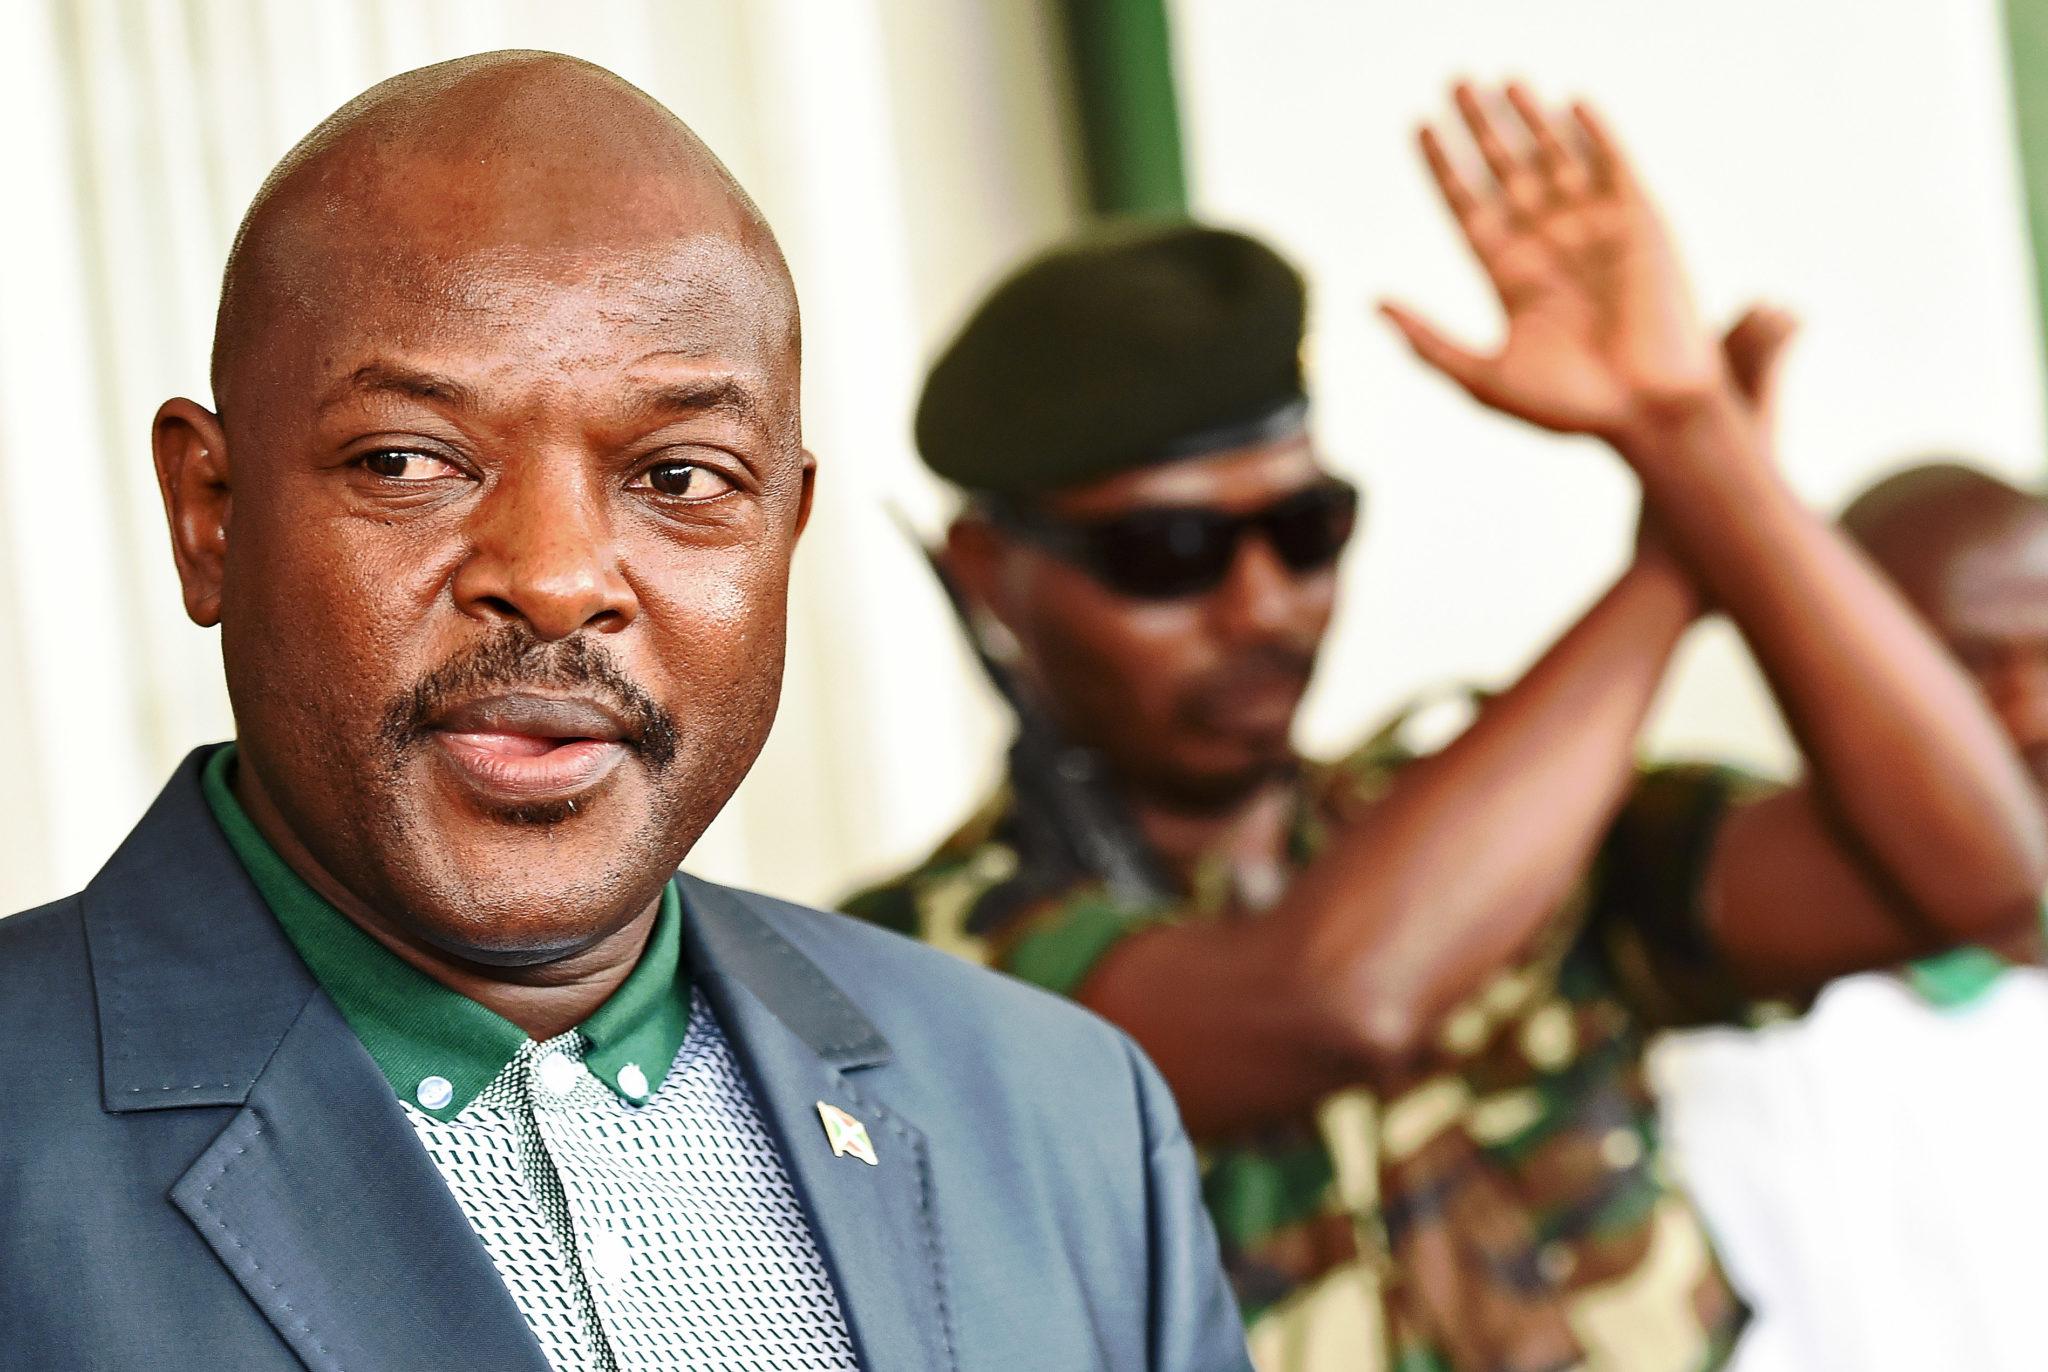 RULE FOR LIFE? Burundi's President Pierre Nkurunziza. AFP PHOTO / CARL DE SOUZA